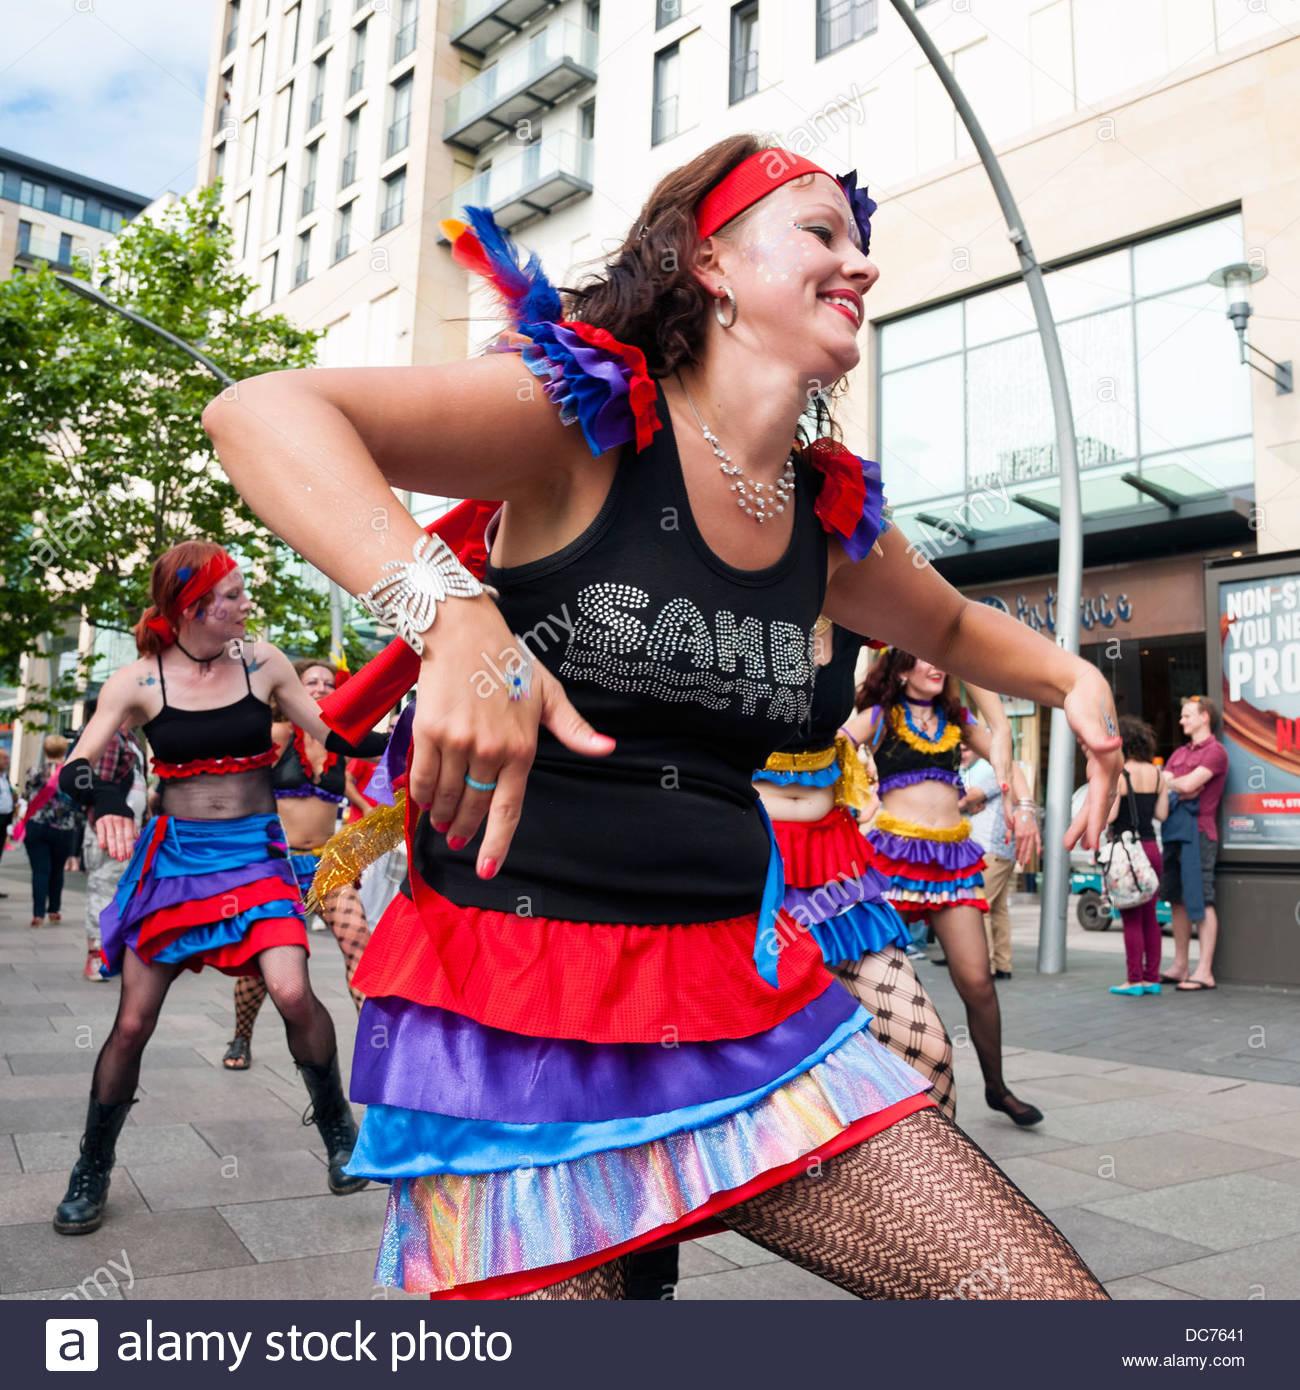 La ballerina di Samba in un carnevale sfilano per le strade di Cardiff, Galles, UK. Immagini Stock